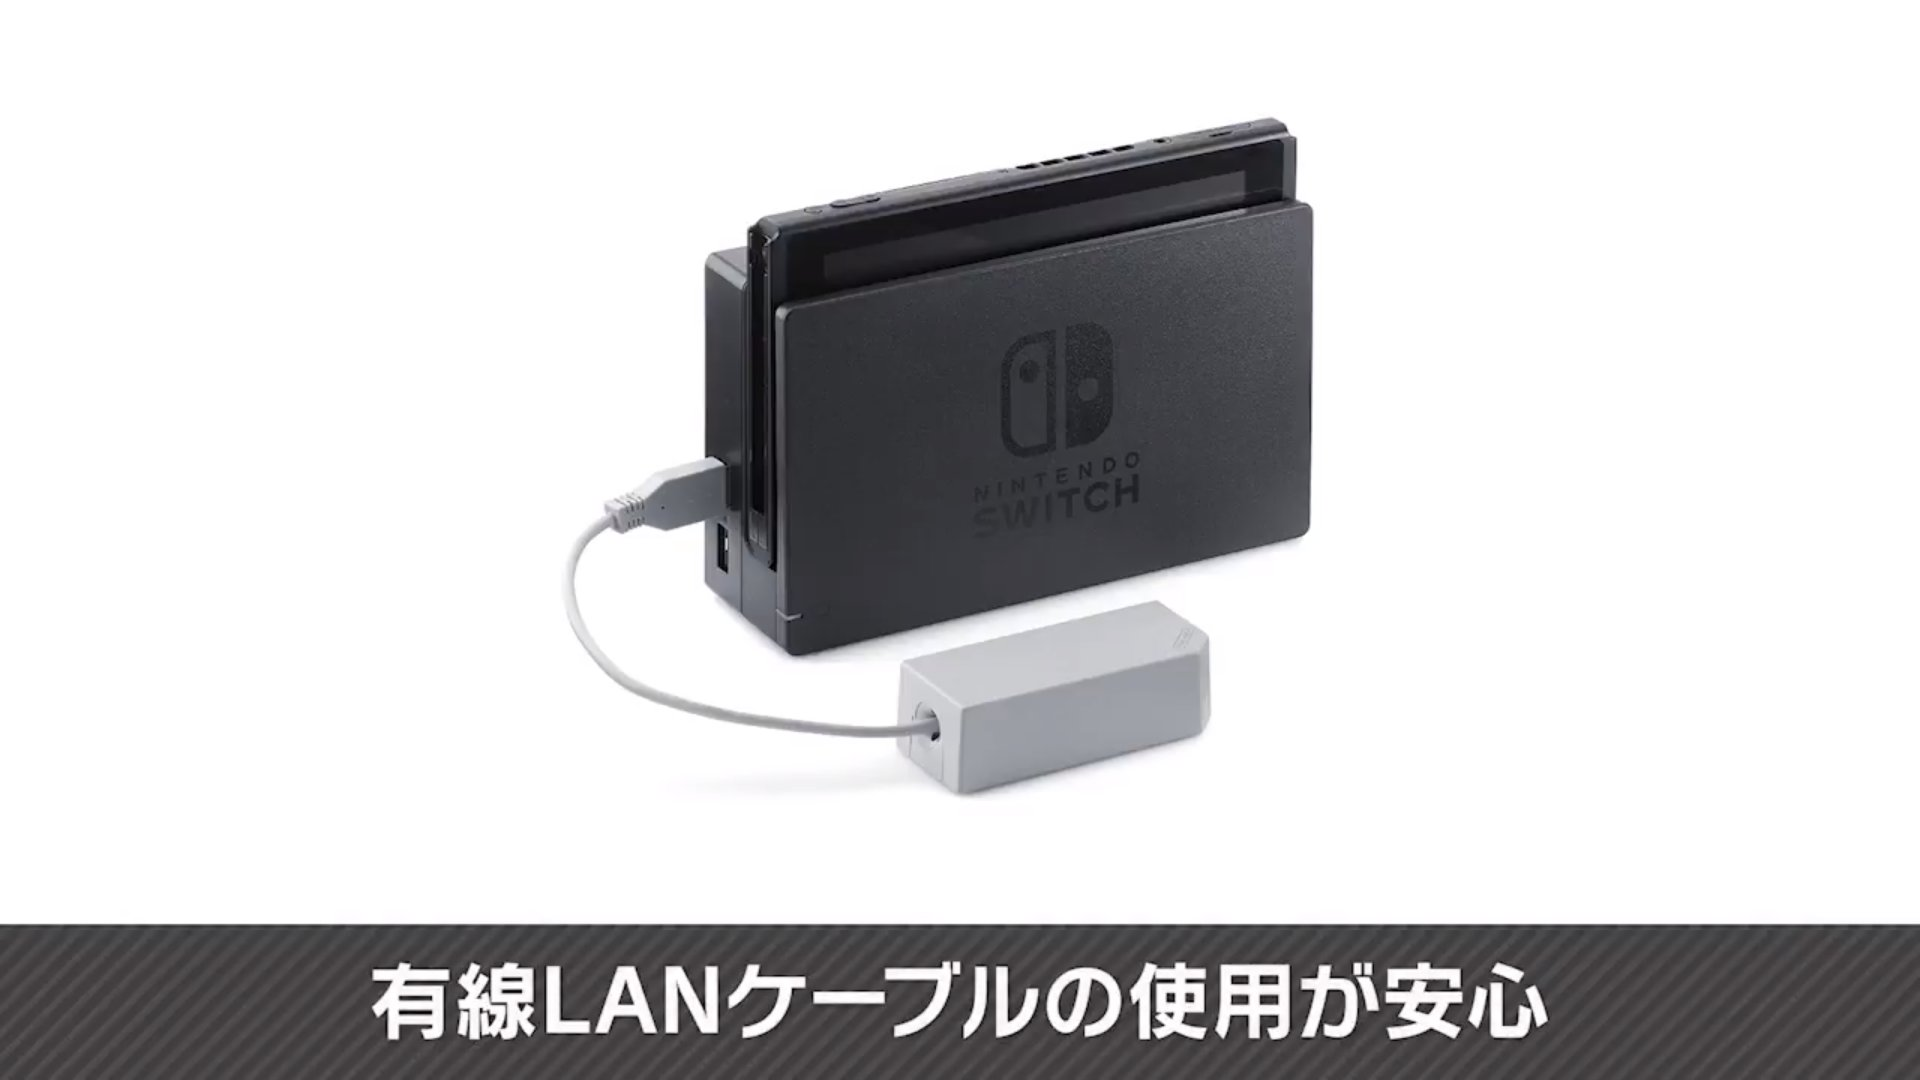 スマブラ桜井「Switchの無線率6割では済まない、無線ユーザーは安定の為に有線接続に切り替えて!」